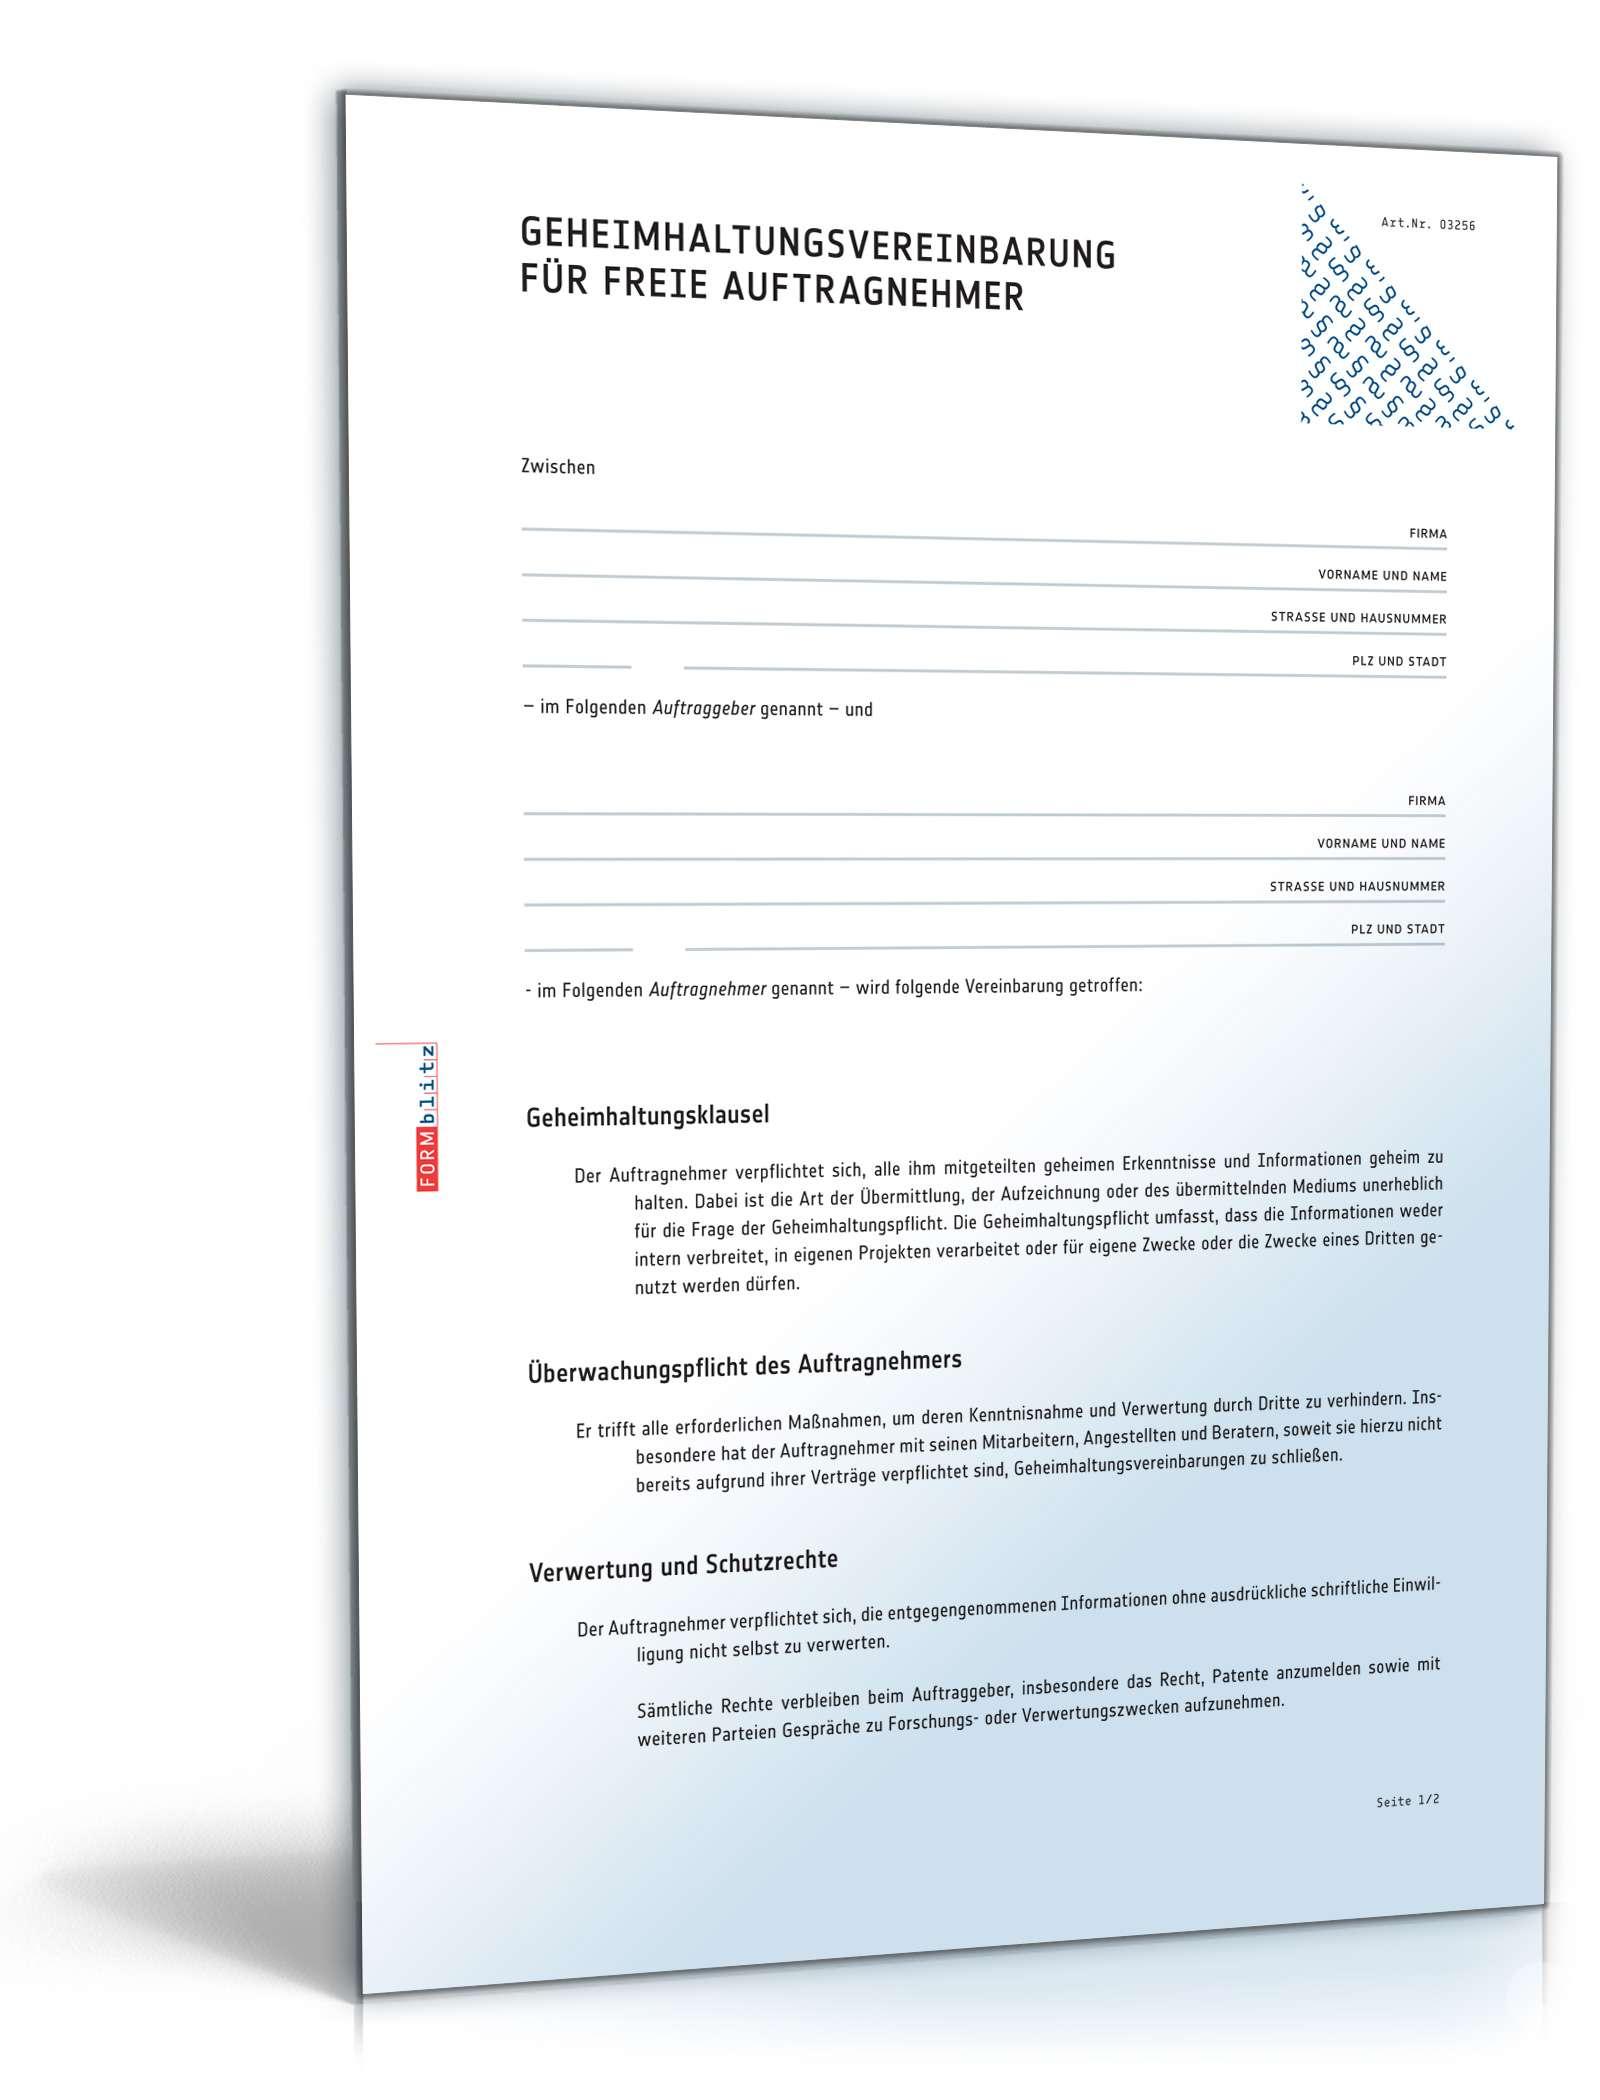 Geheimhaltungsvereinbarung freie Auftragnehmer | Muster zum Download